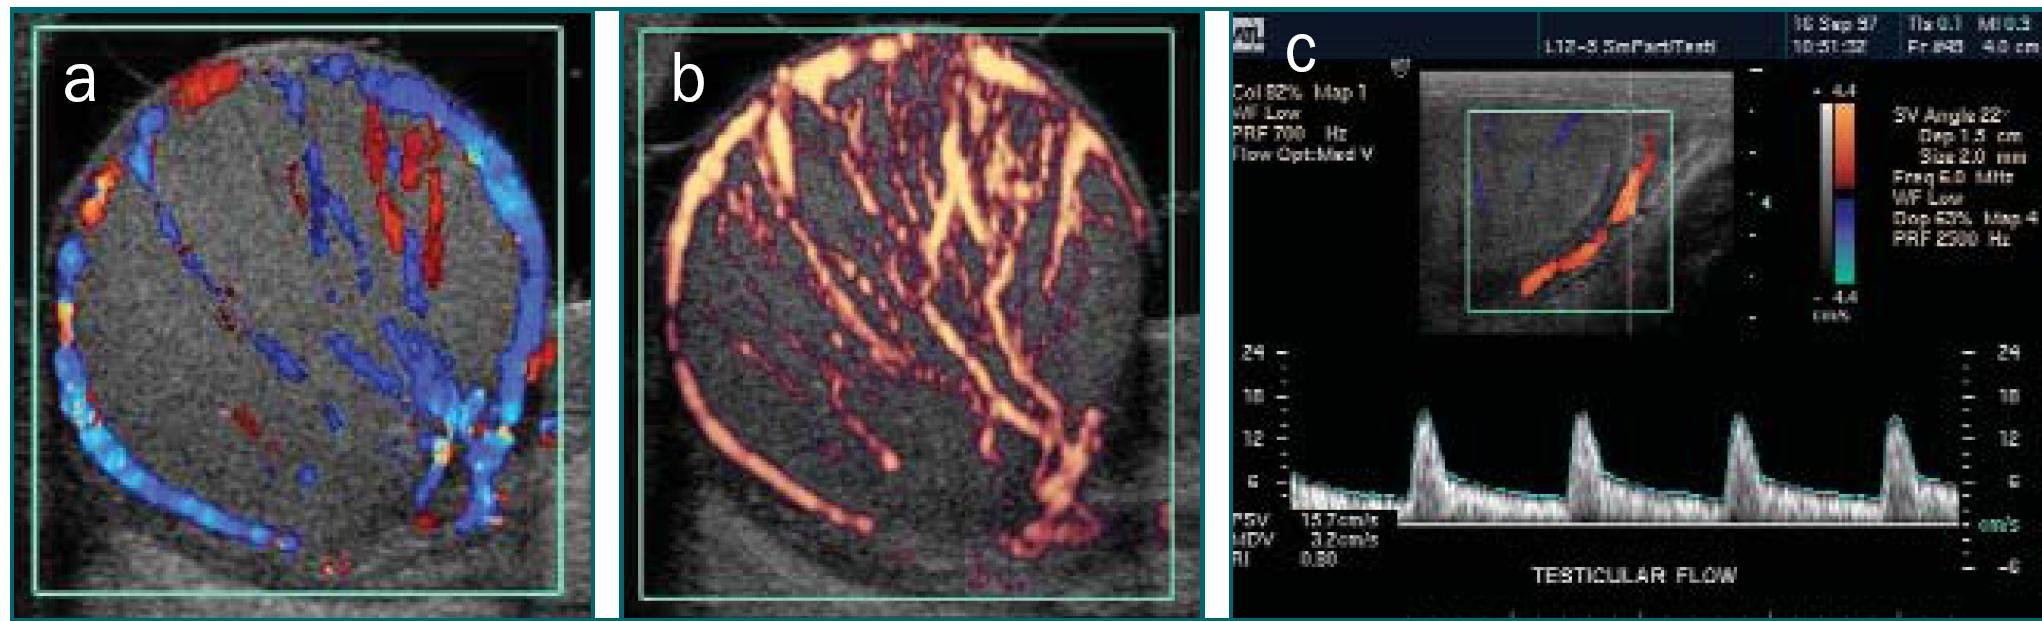 Schéma 9 a,b,c. Dva obrázky provedené pomocí duplexního Dopplerova ultrazvukového vyšetření (a). Barevné Dopplerovo ultrazvukové vyšetření a spektrální Dopplerovo ultrazvukové vyšetření (průtok krve je zobrazen jako vlna) (c). Barevné Dopplerovo ultrazvukové vyšetření (a) zobrazuje směr průtoku pomocí různých barev. Krev proudící směrem k sondě (barvy v horní části barevné škály) je nutné odlišit od krve proudící směrem od sondy (barvy ve spodní části barevné škály) pomocí barevné škály (zobrazeno v (c)). Power Dopplerovo ultrazvukové vyšetření (b) poskytuje informaci o množství průtoku, ovšem bez informace o směru průtoku.